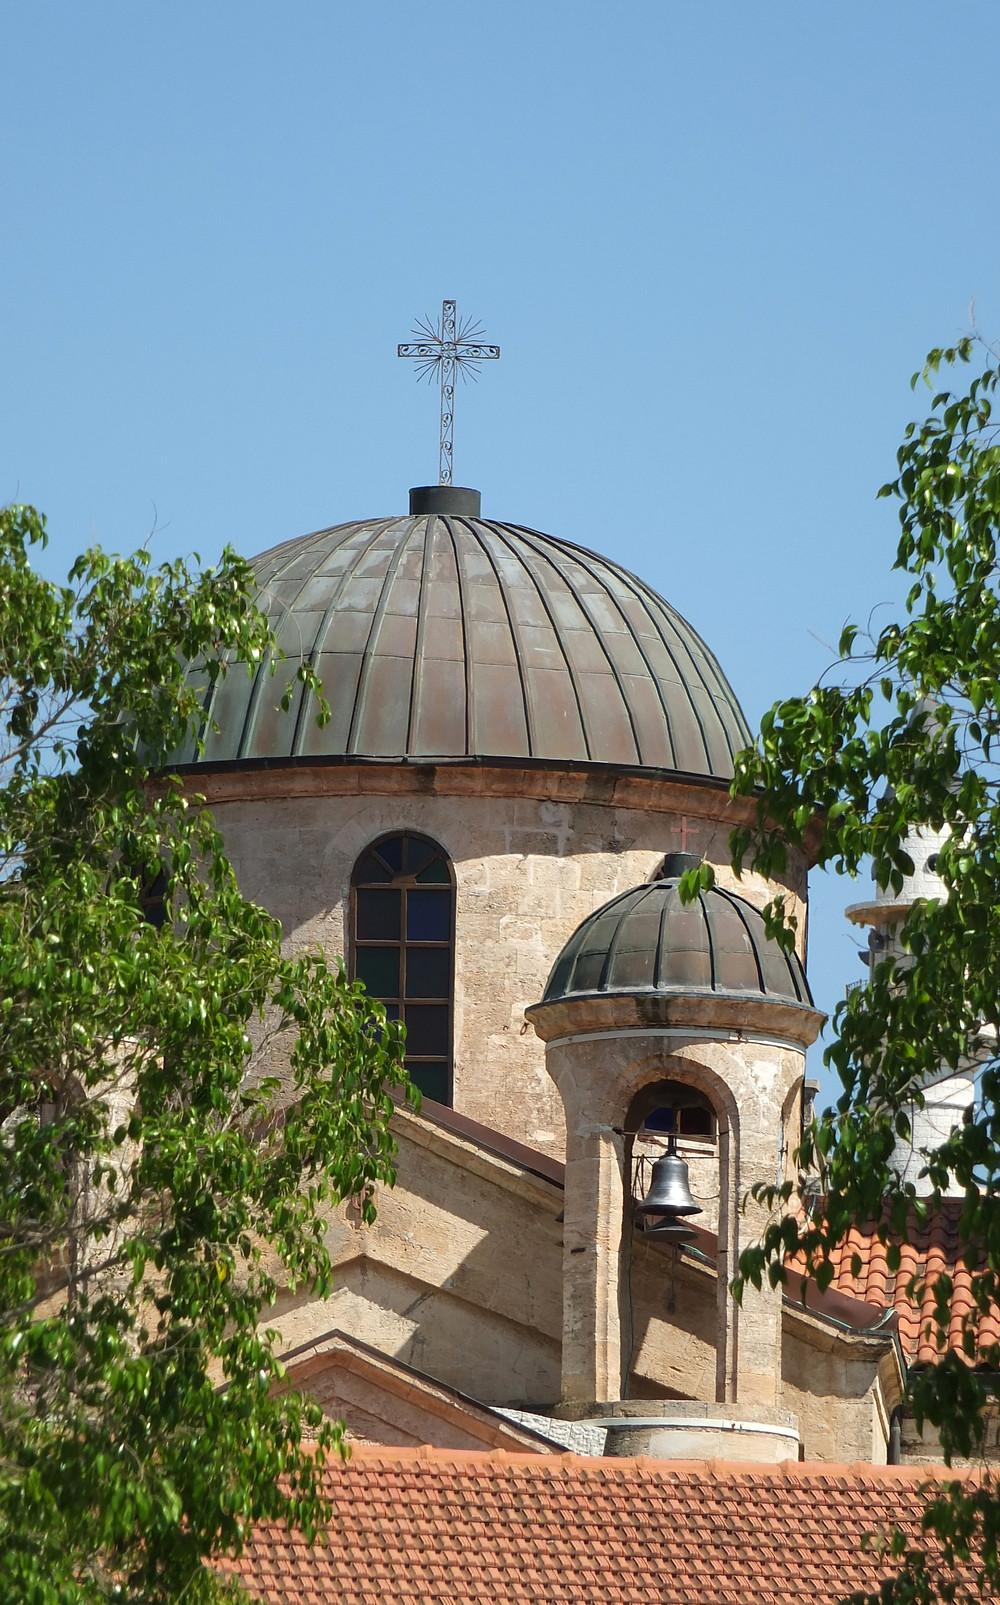 Griechisch-Orthodoxe Hochzeitskirche, Kfar Kana, Israel